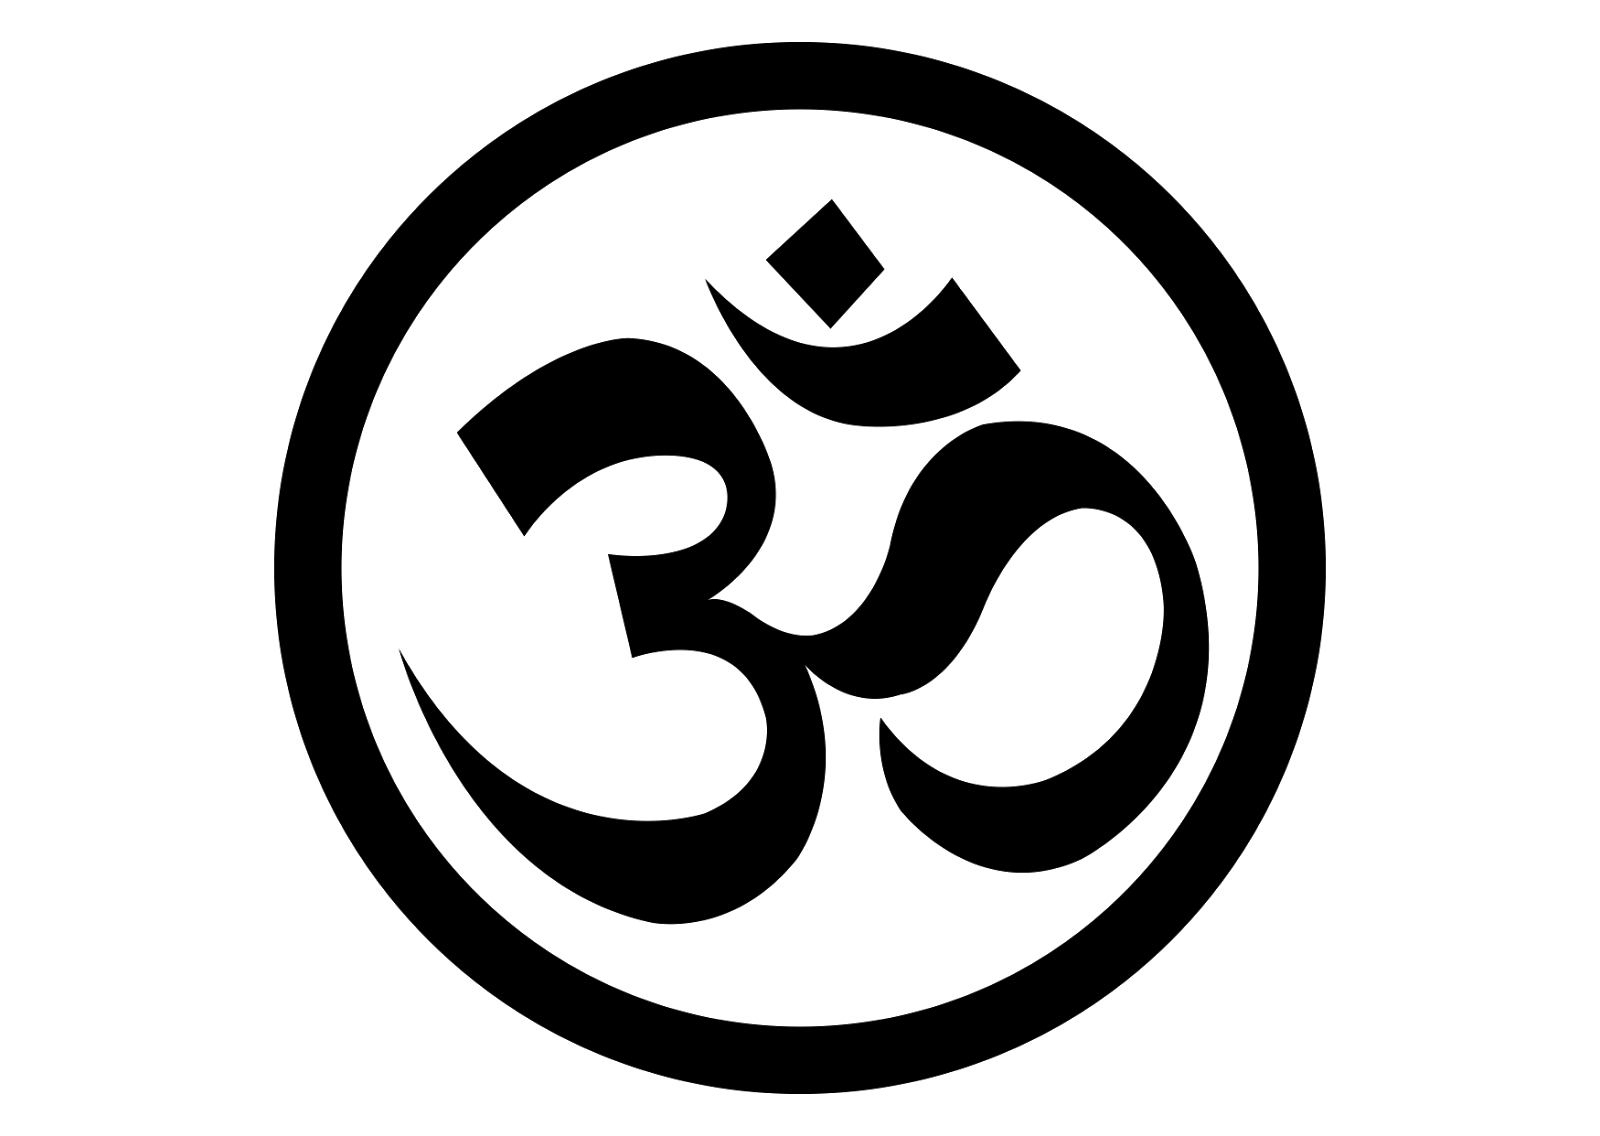 Om yoga logo vector format cdr ai eps svg pdf png Om pic download